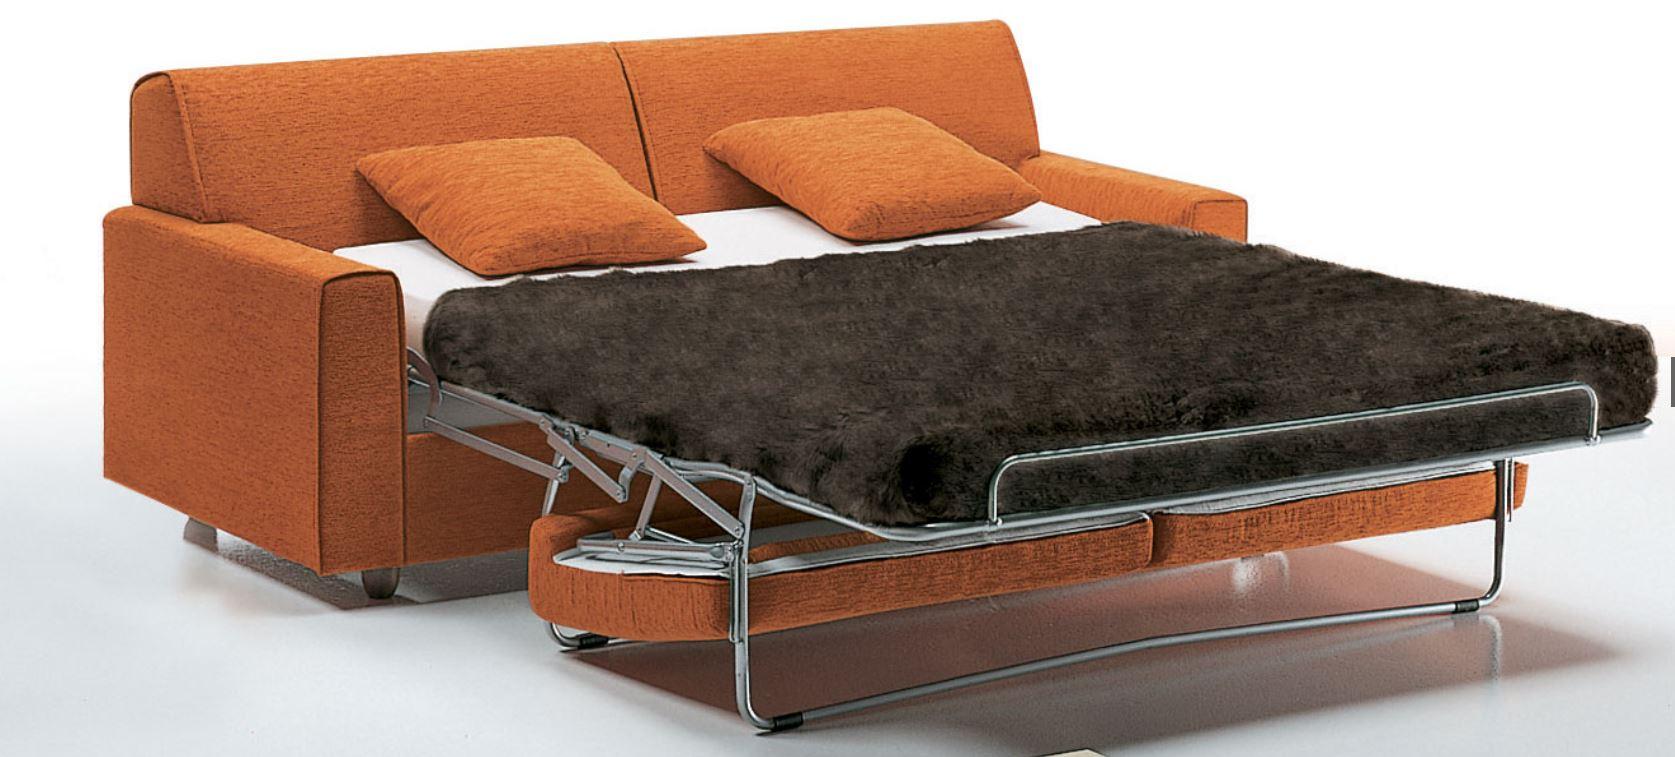 Migliori marche di divani simple prezzi divani in tessuto with migliori marche di divani - Divani letto migliori ...